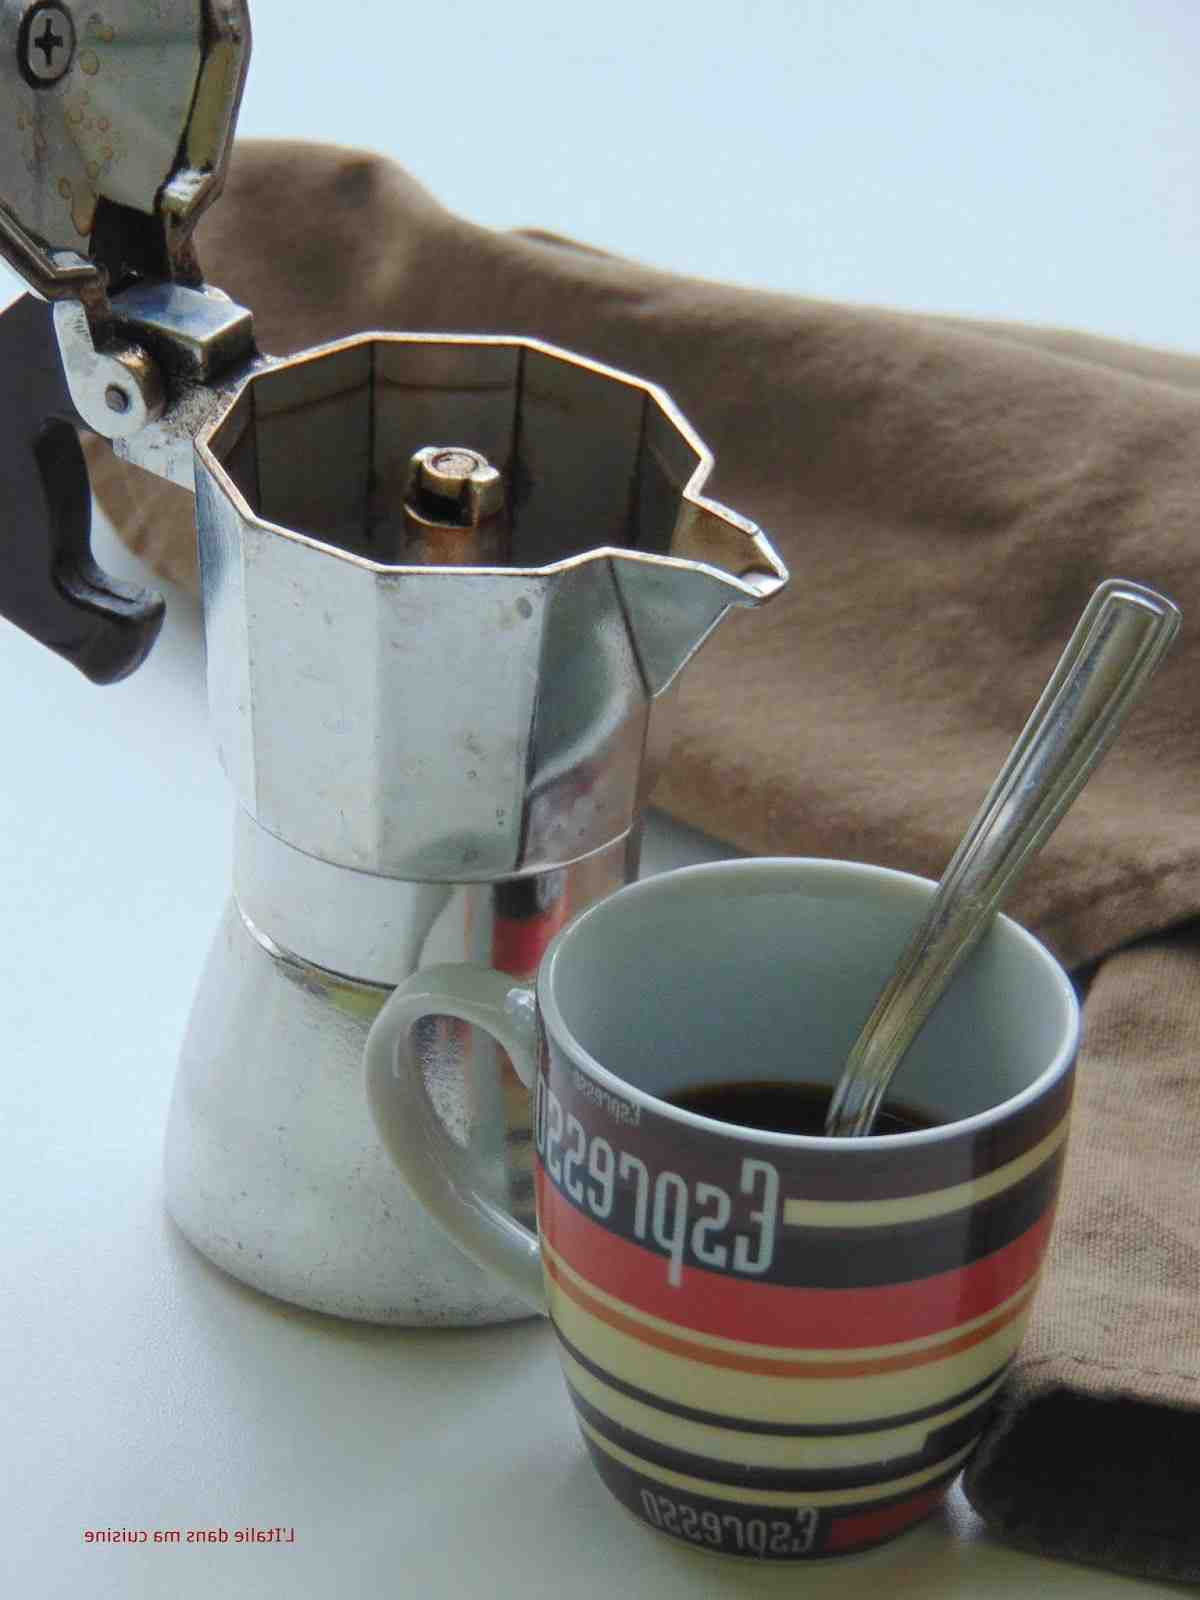 Quel type de café pour une cafetière italienne?